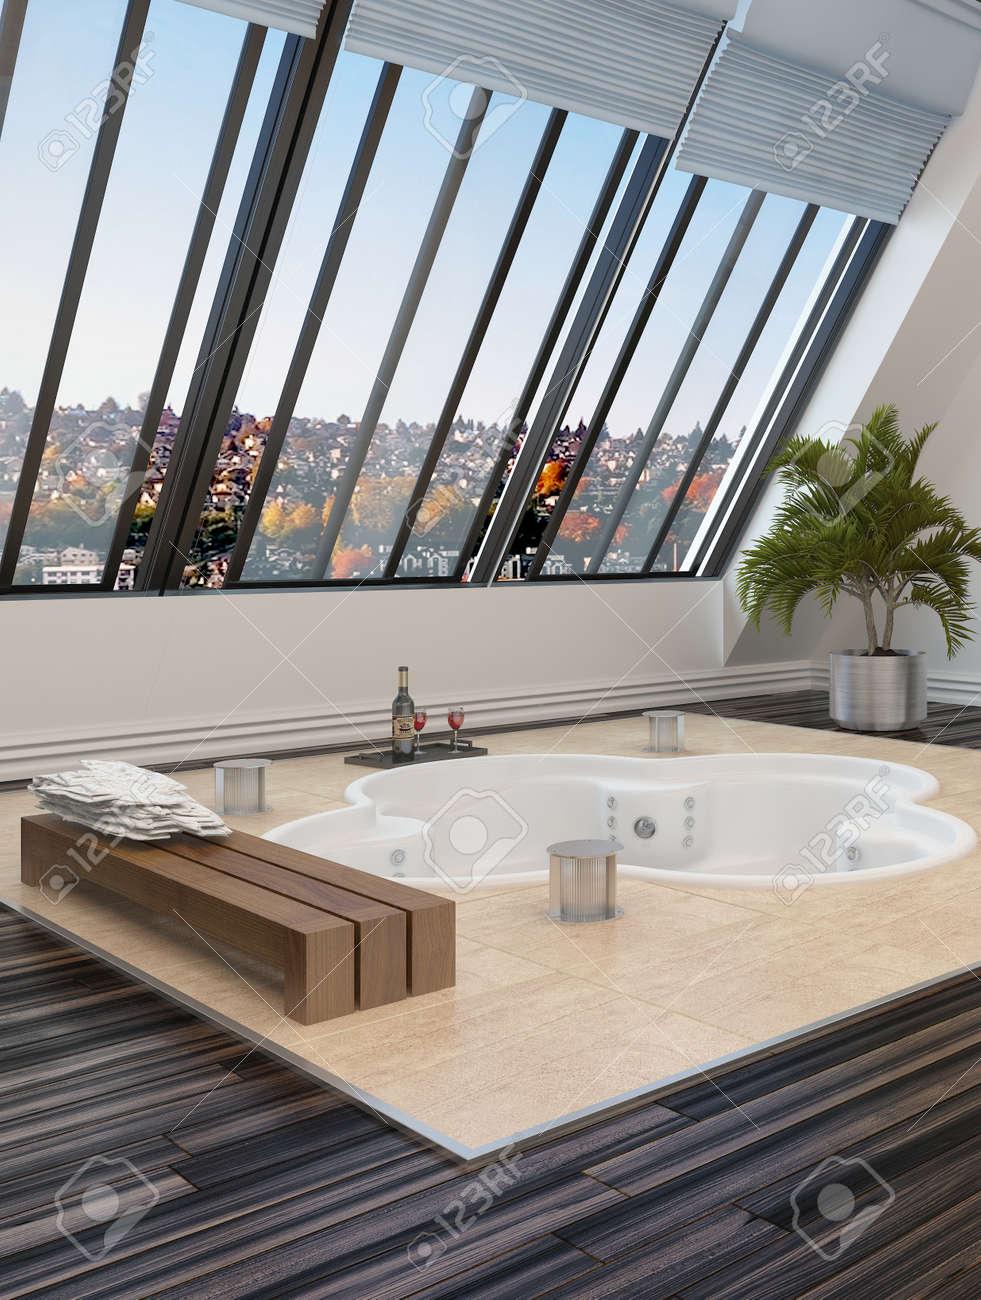 Bathroom With Hot Tub Interior sunken trefoil shaped hot tub or spa bath in a modern bathroom